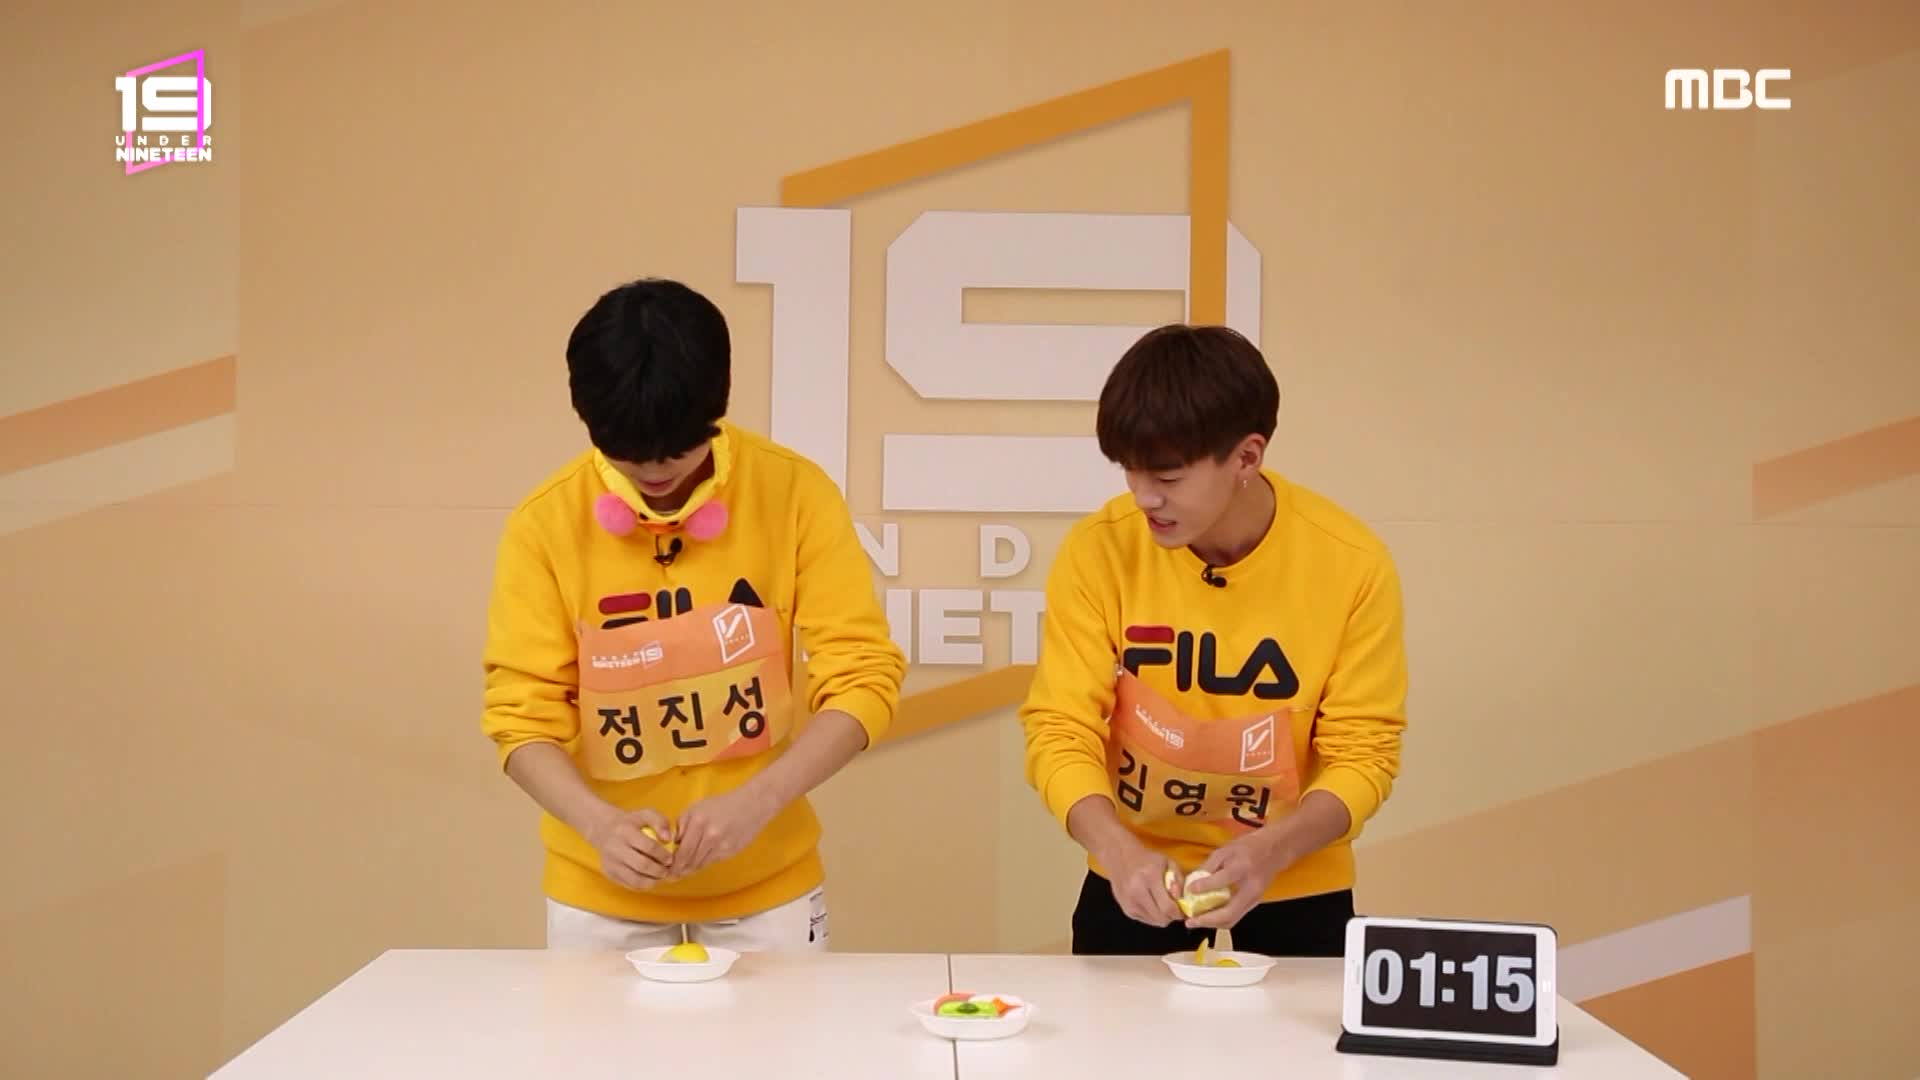 [19 스페셜] 레몬 먹기 대결 | 정진성 VS 김영원